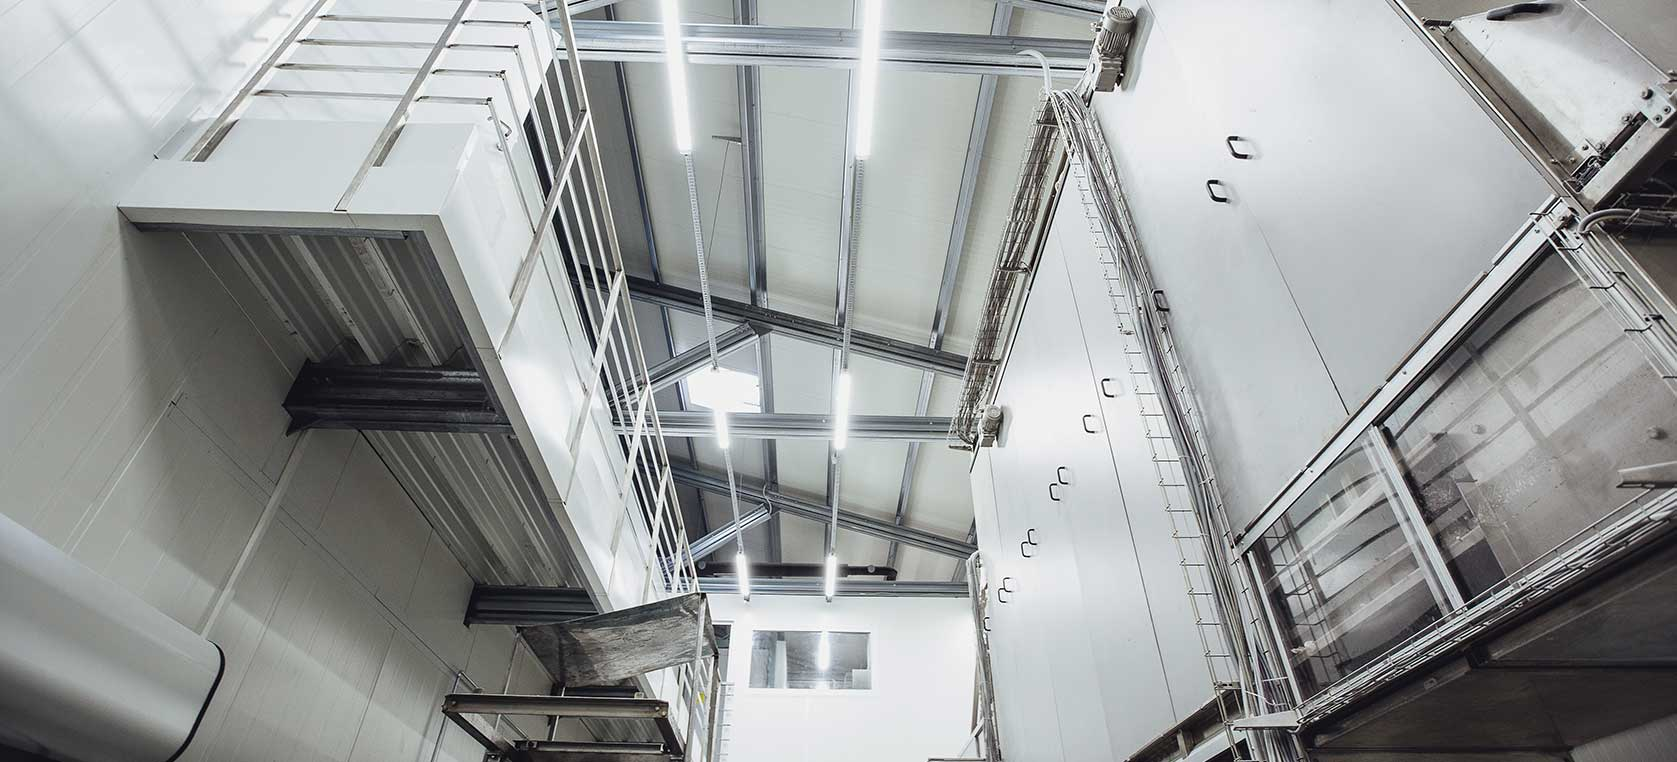 Jeklene (kovinske) konstrukcije Petrovič za proizvodne prostore in industrijske obrate